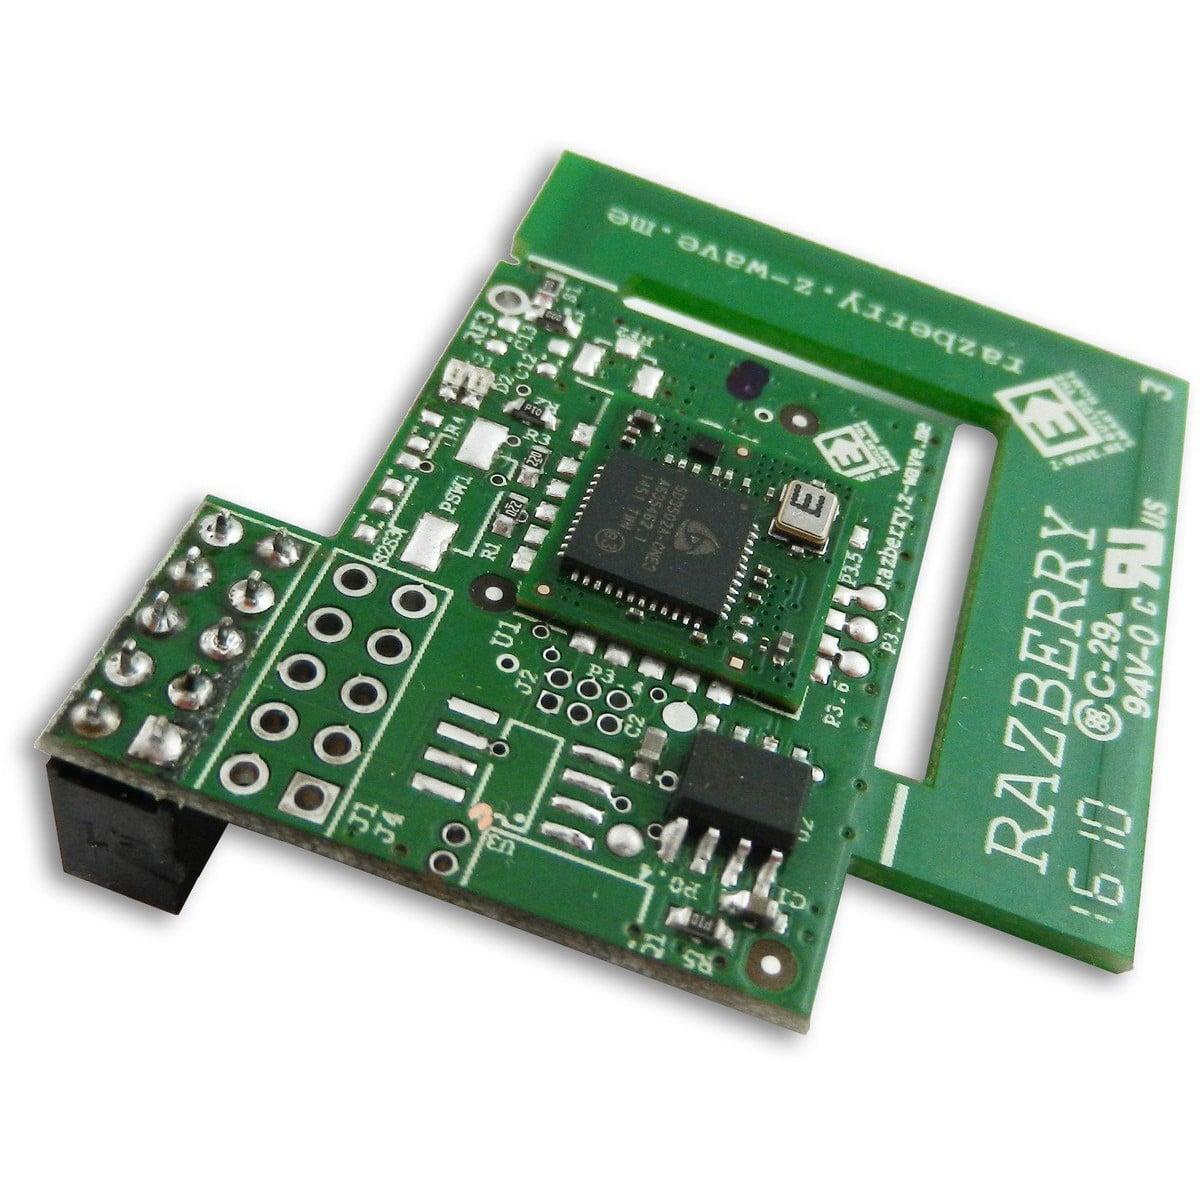 RaZberry 2 Z-Wave Modul